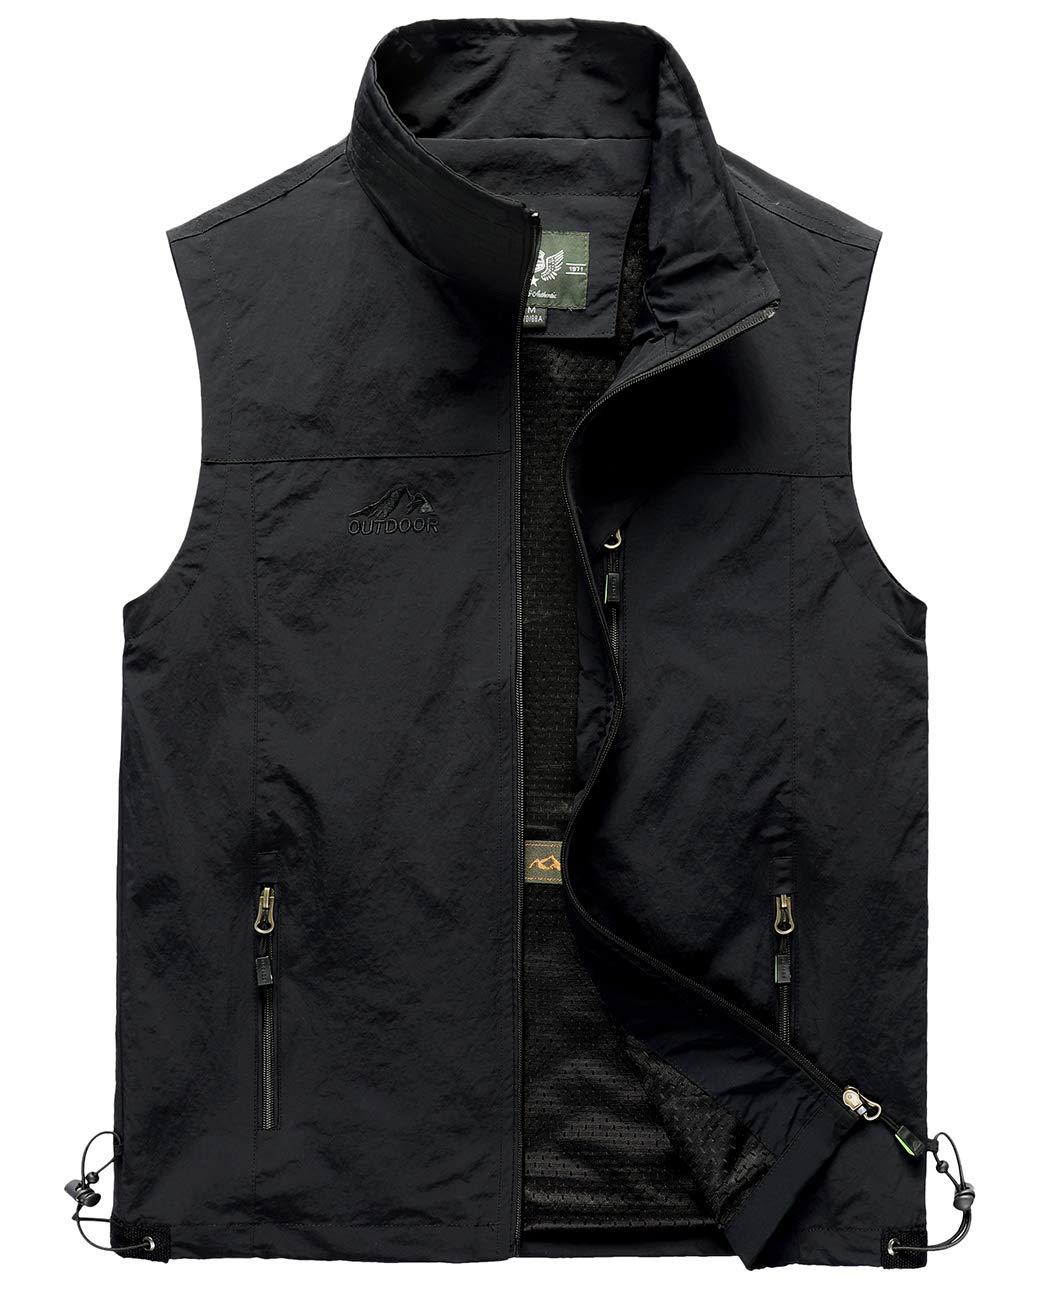 Hixiaohe Men's Casual Lightweight Outdoor Vest Work Fish Photo Travel Vest